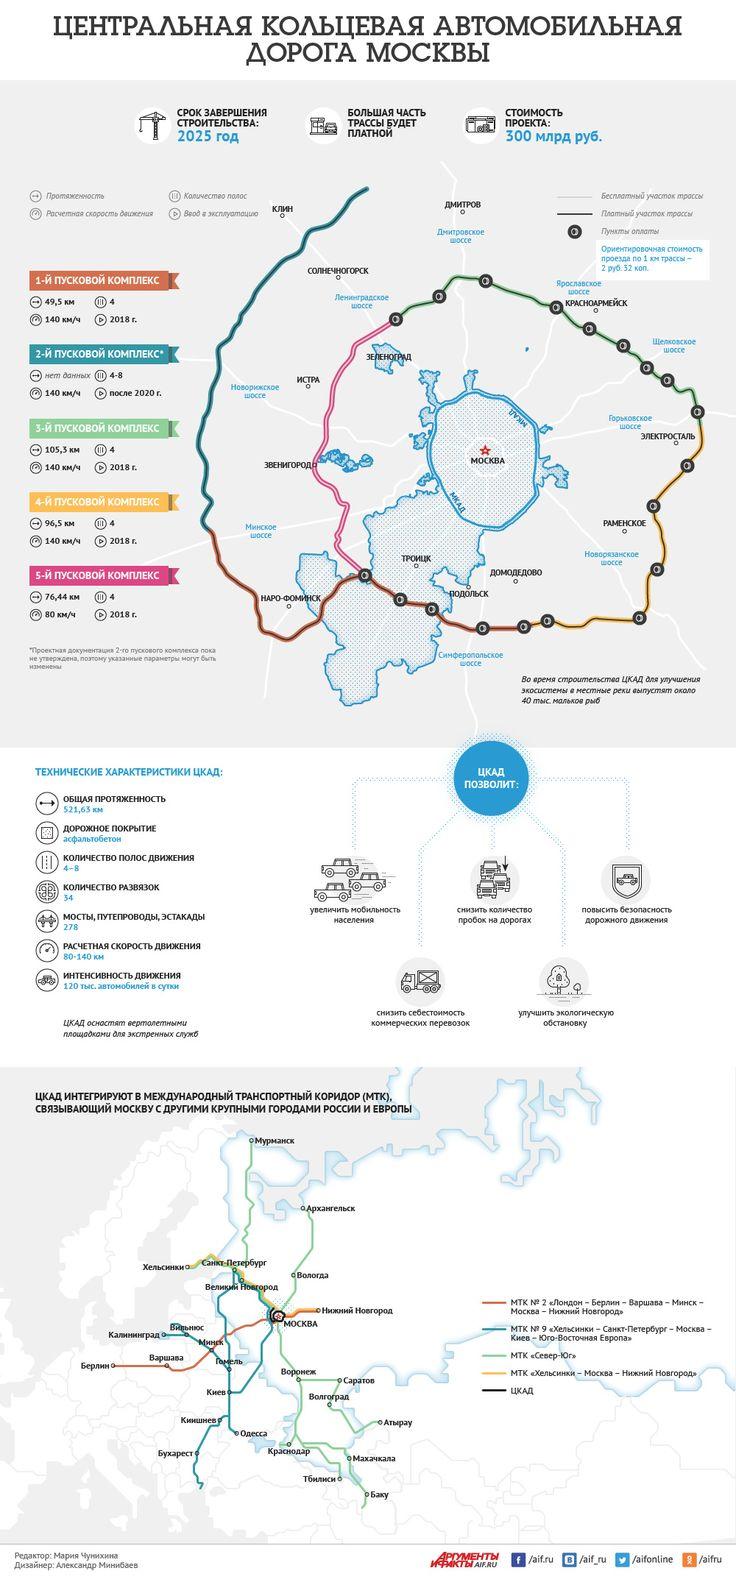 Смотрите в инфографике АиФ.ru, схему строительства ЦКАД.